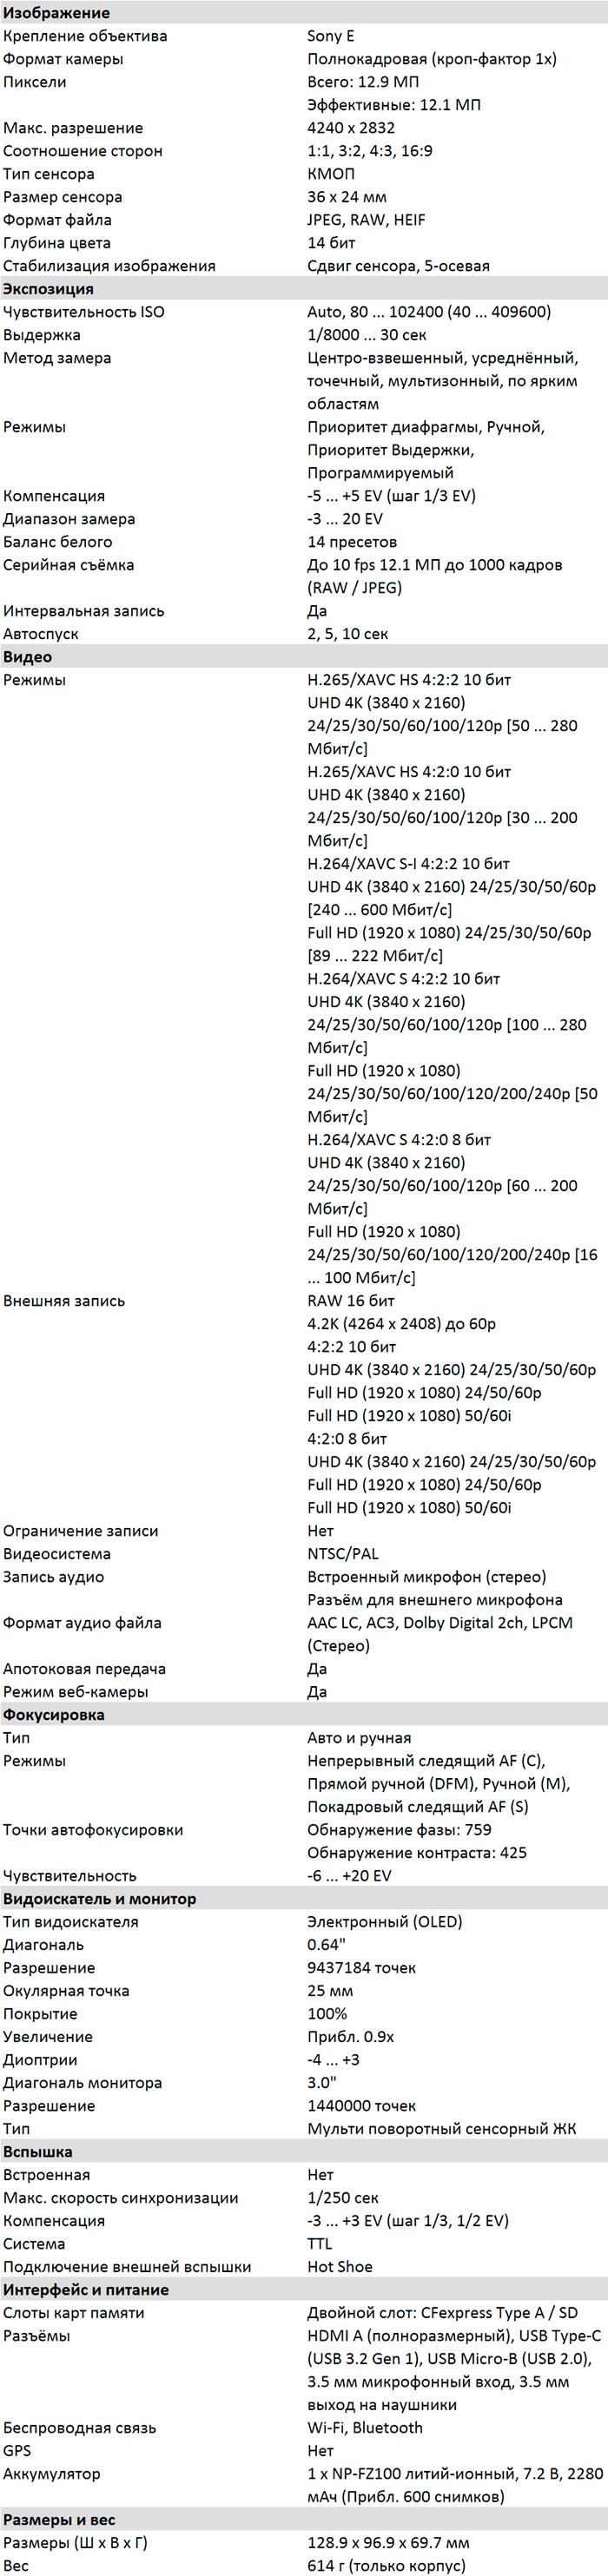 Характеристики A7S III